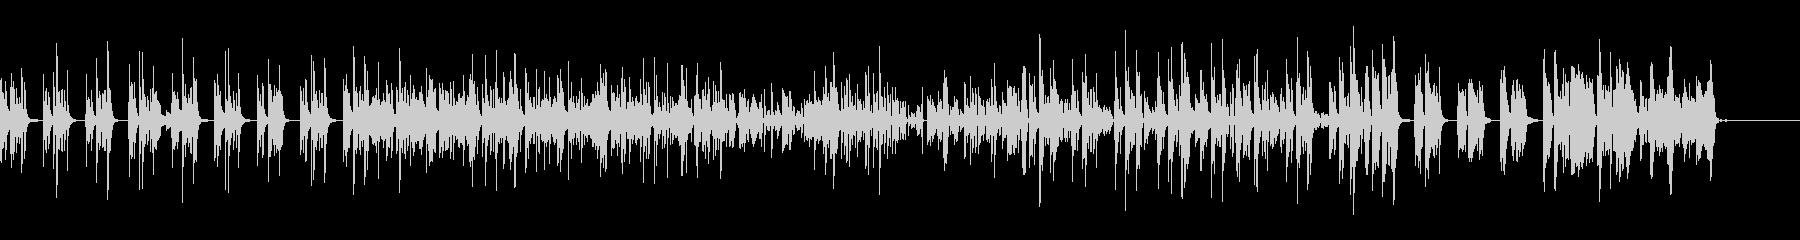 シロフォンのミニマル感とブレ=グリッチの未再生の波形